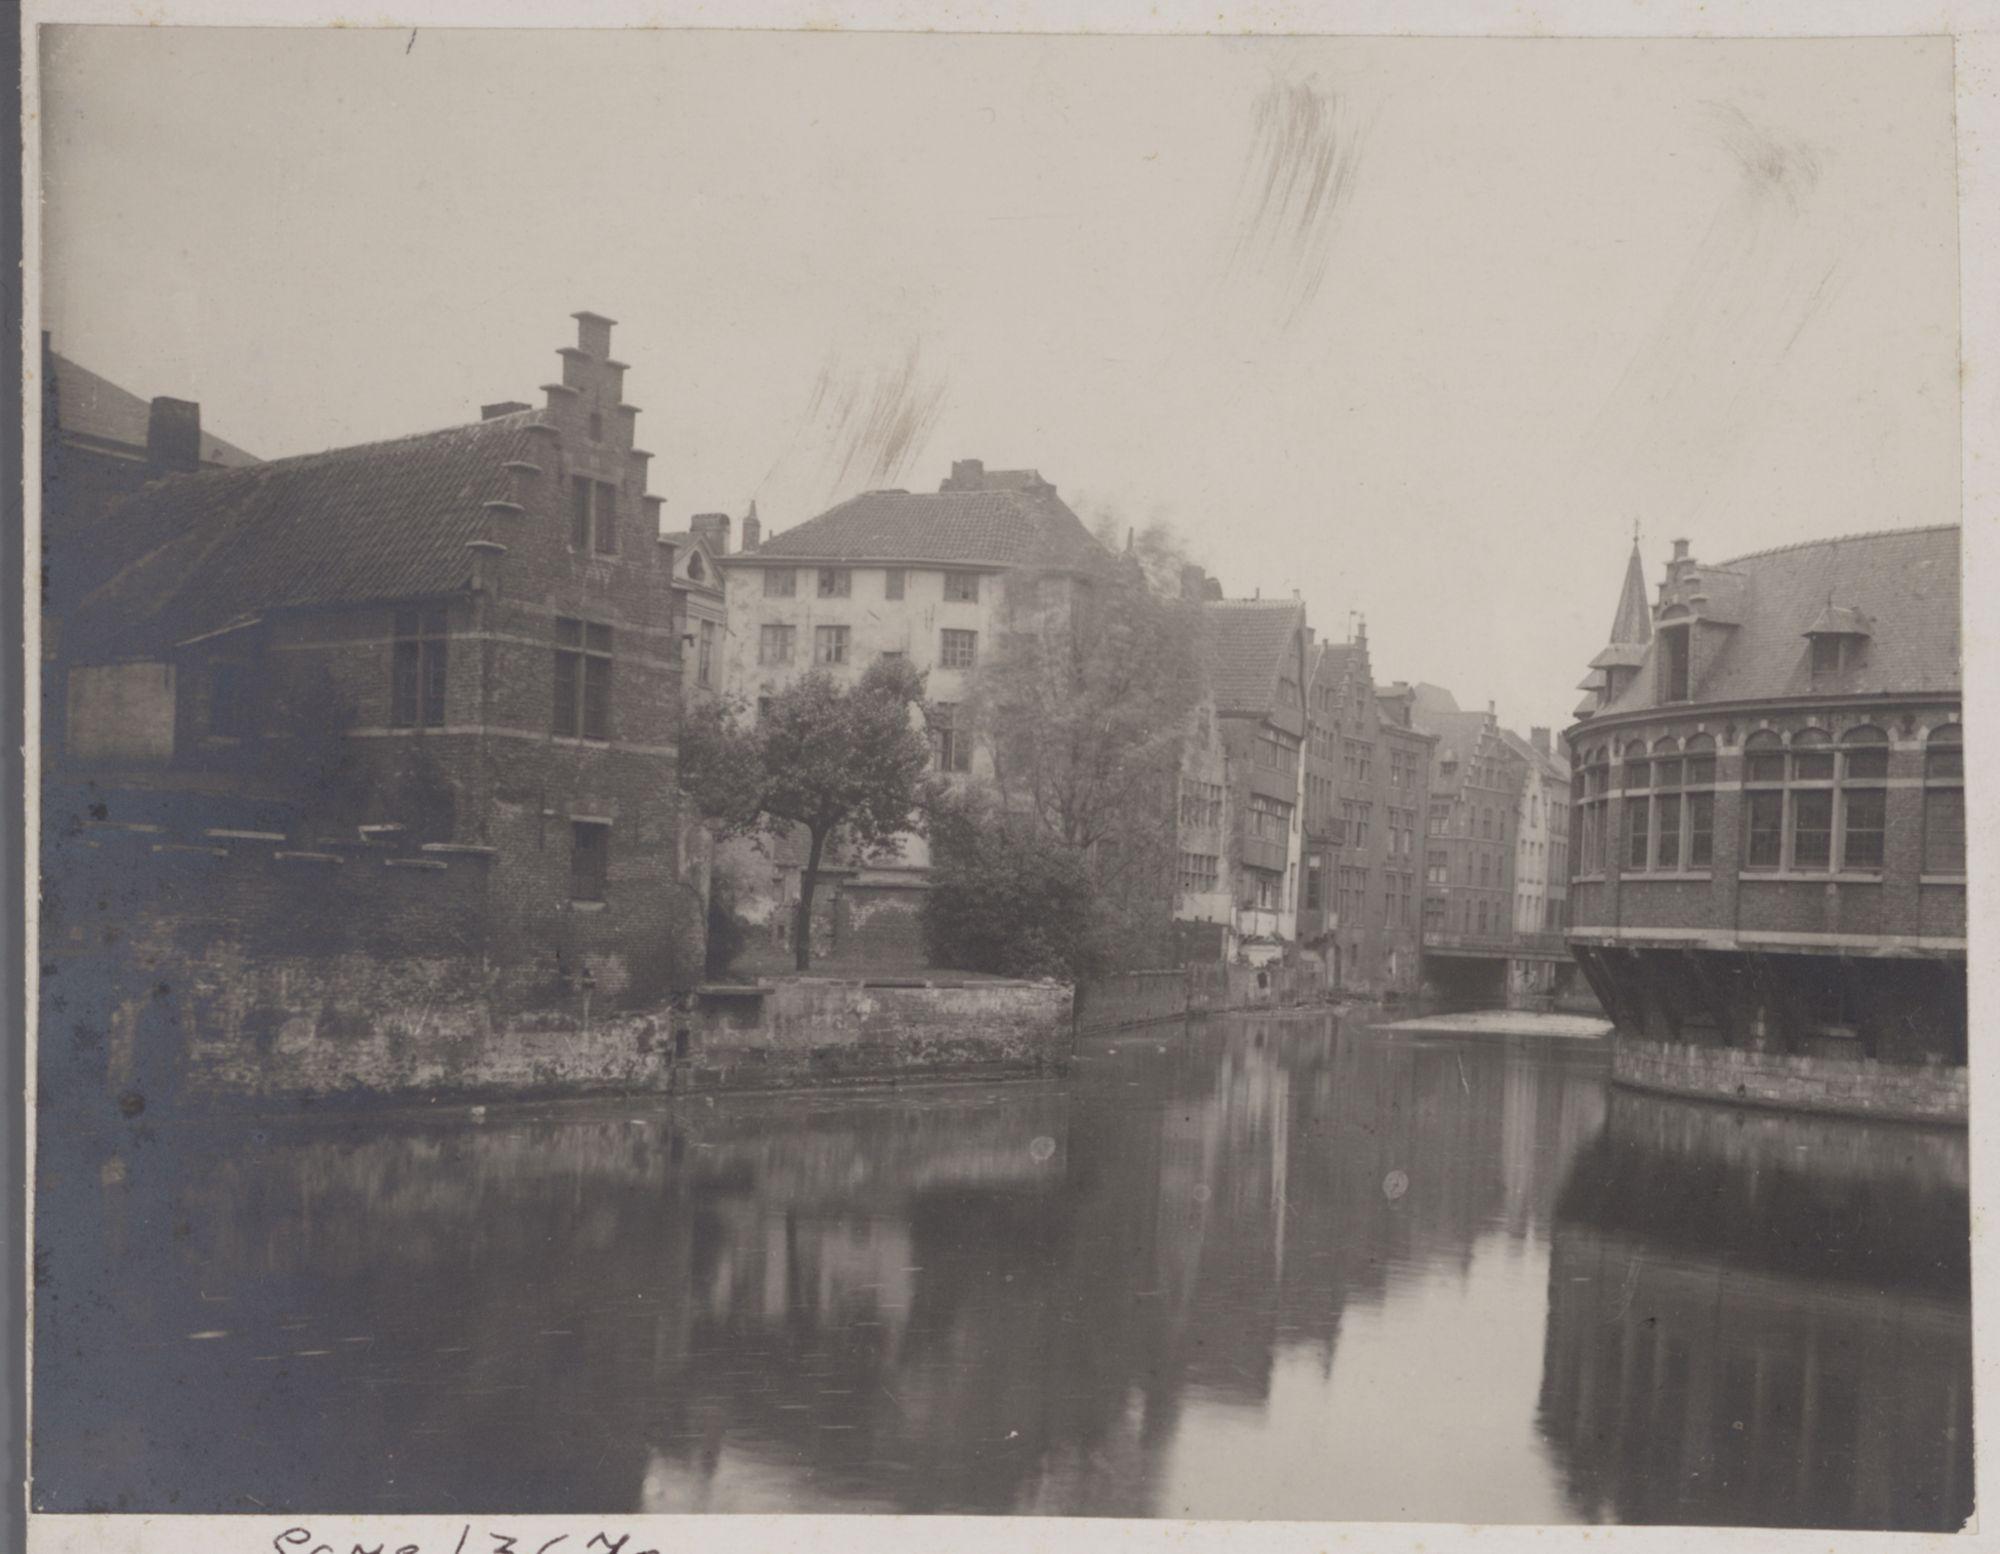 Gent: Samenvloeiing van de Lieve en de Leie aan de Oude Vismijn